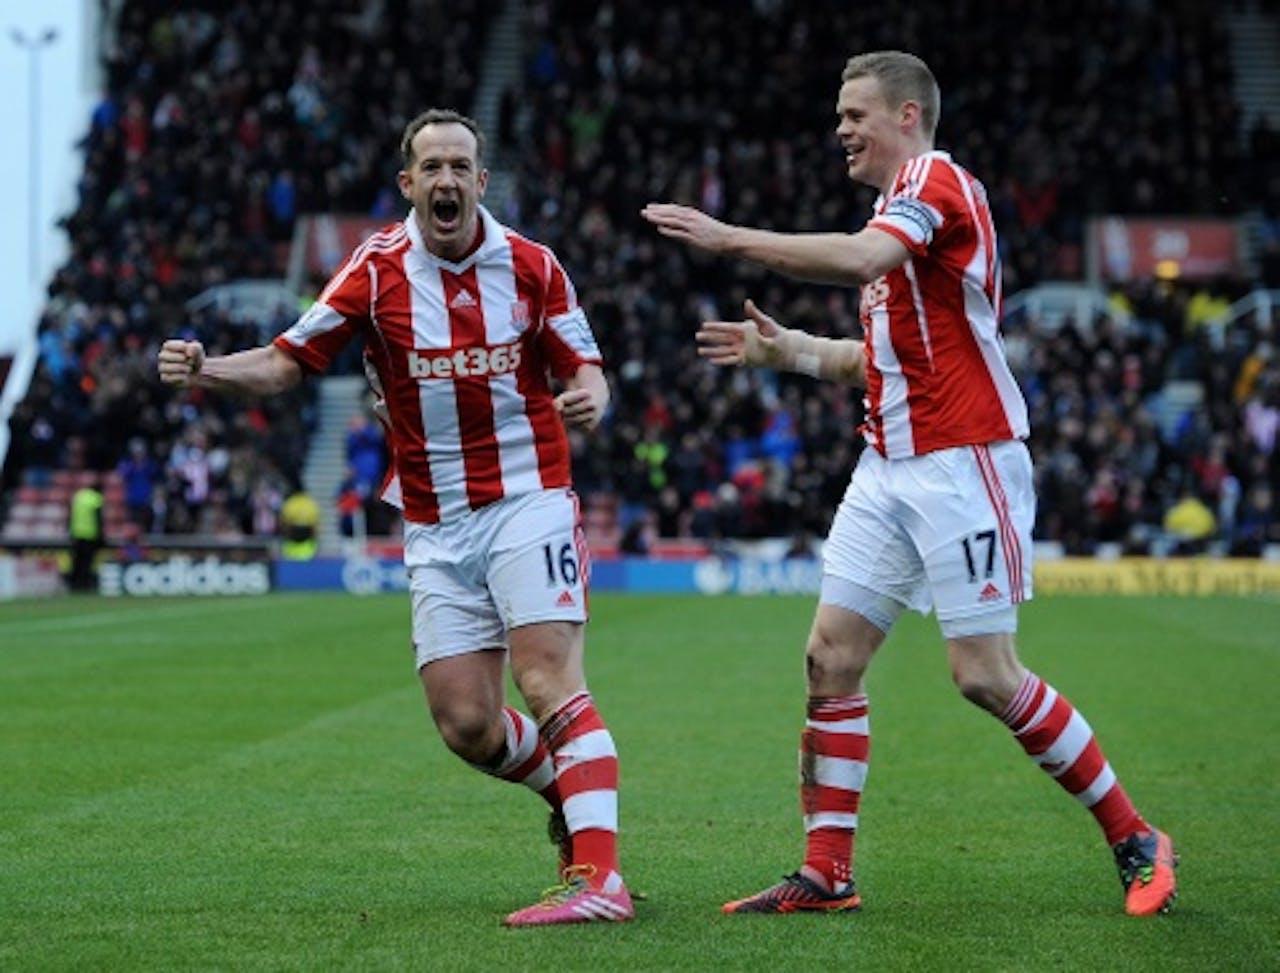 Stoke City's Charlie Adam (L) en Ryan Shawcross. Archiefbeeld. EPA